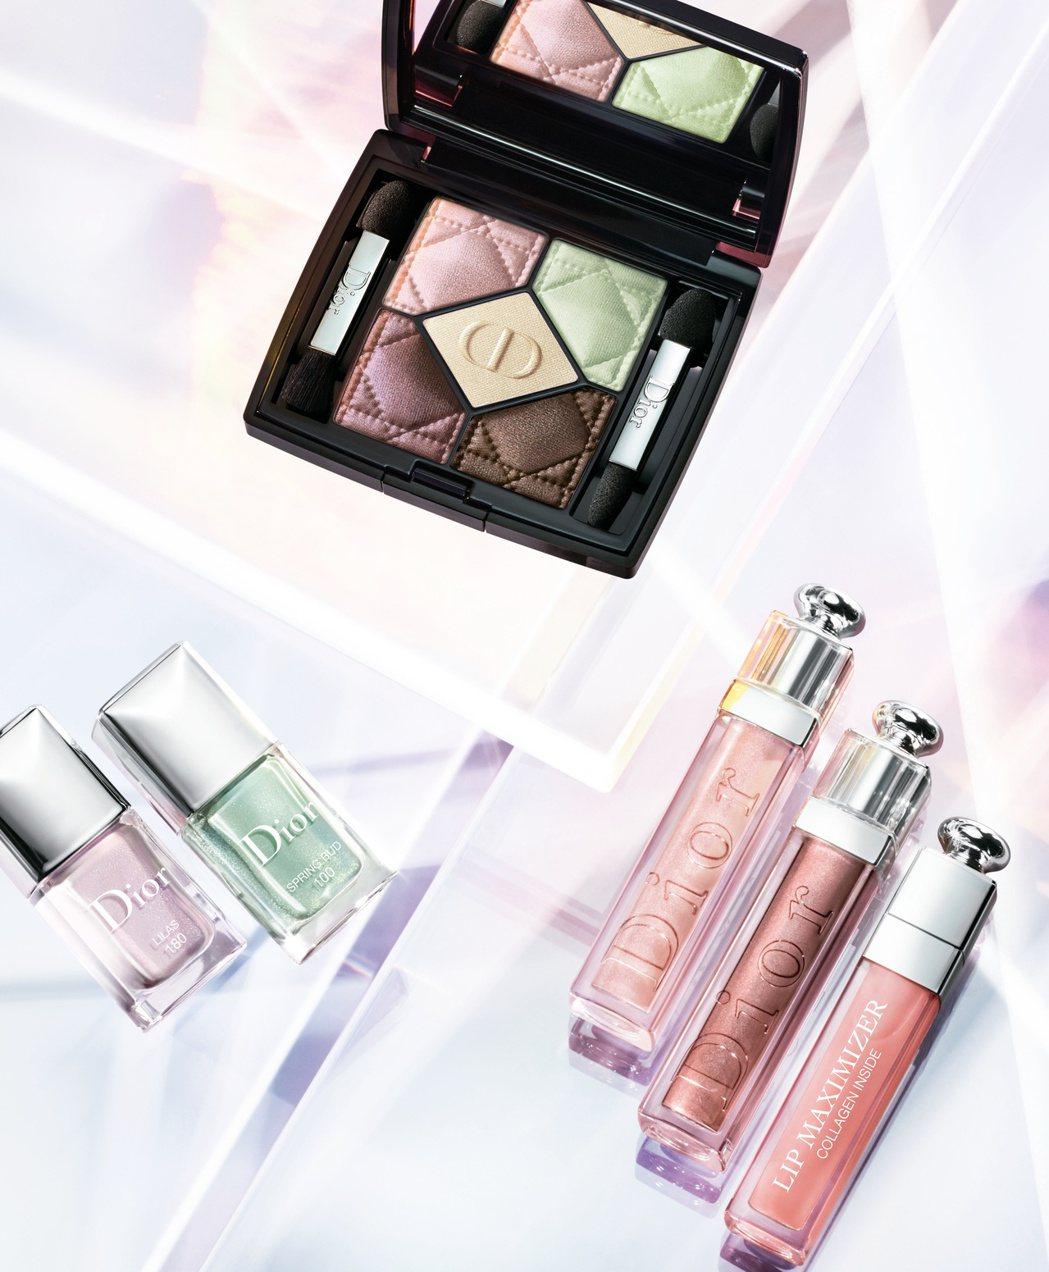 迪奧全新的雪晶靈限量彩妝系列,為春日帶來時尚清新的粉嫩光采。圖/迪奧提供